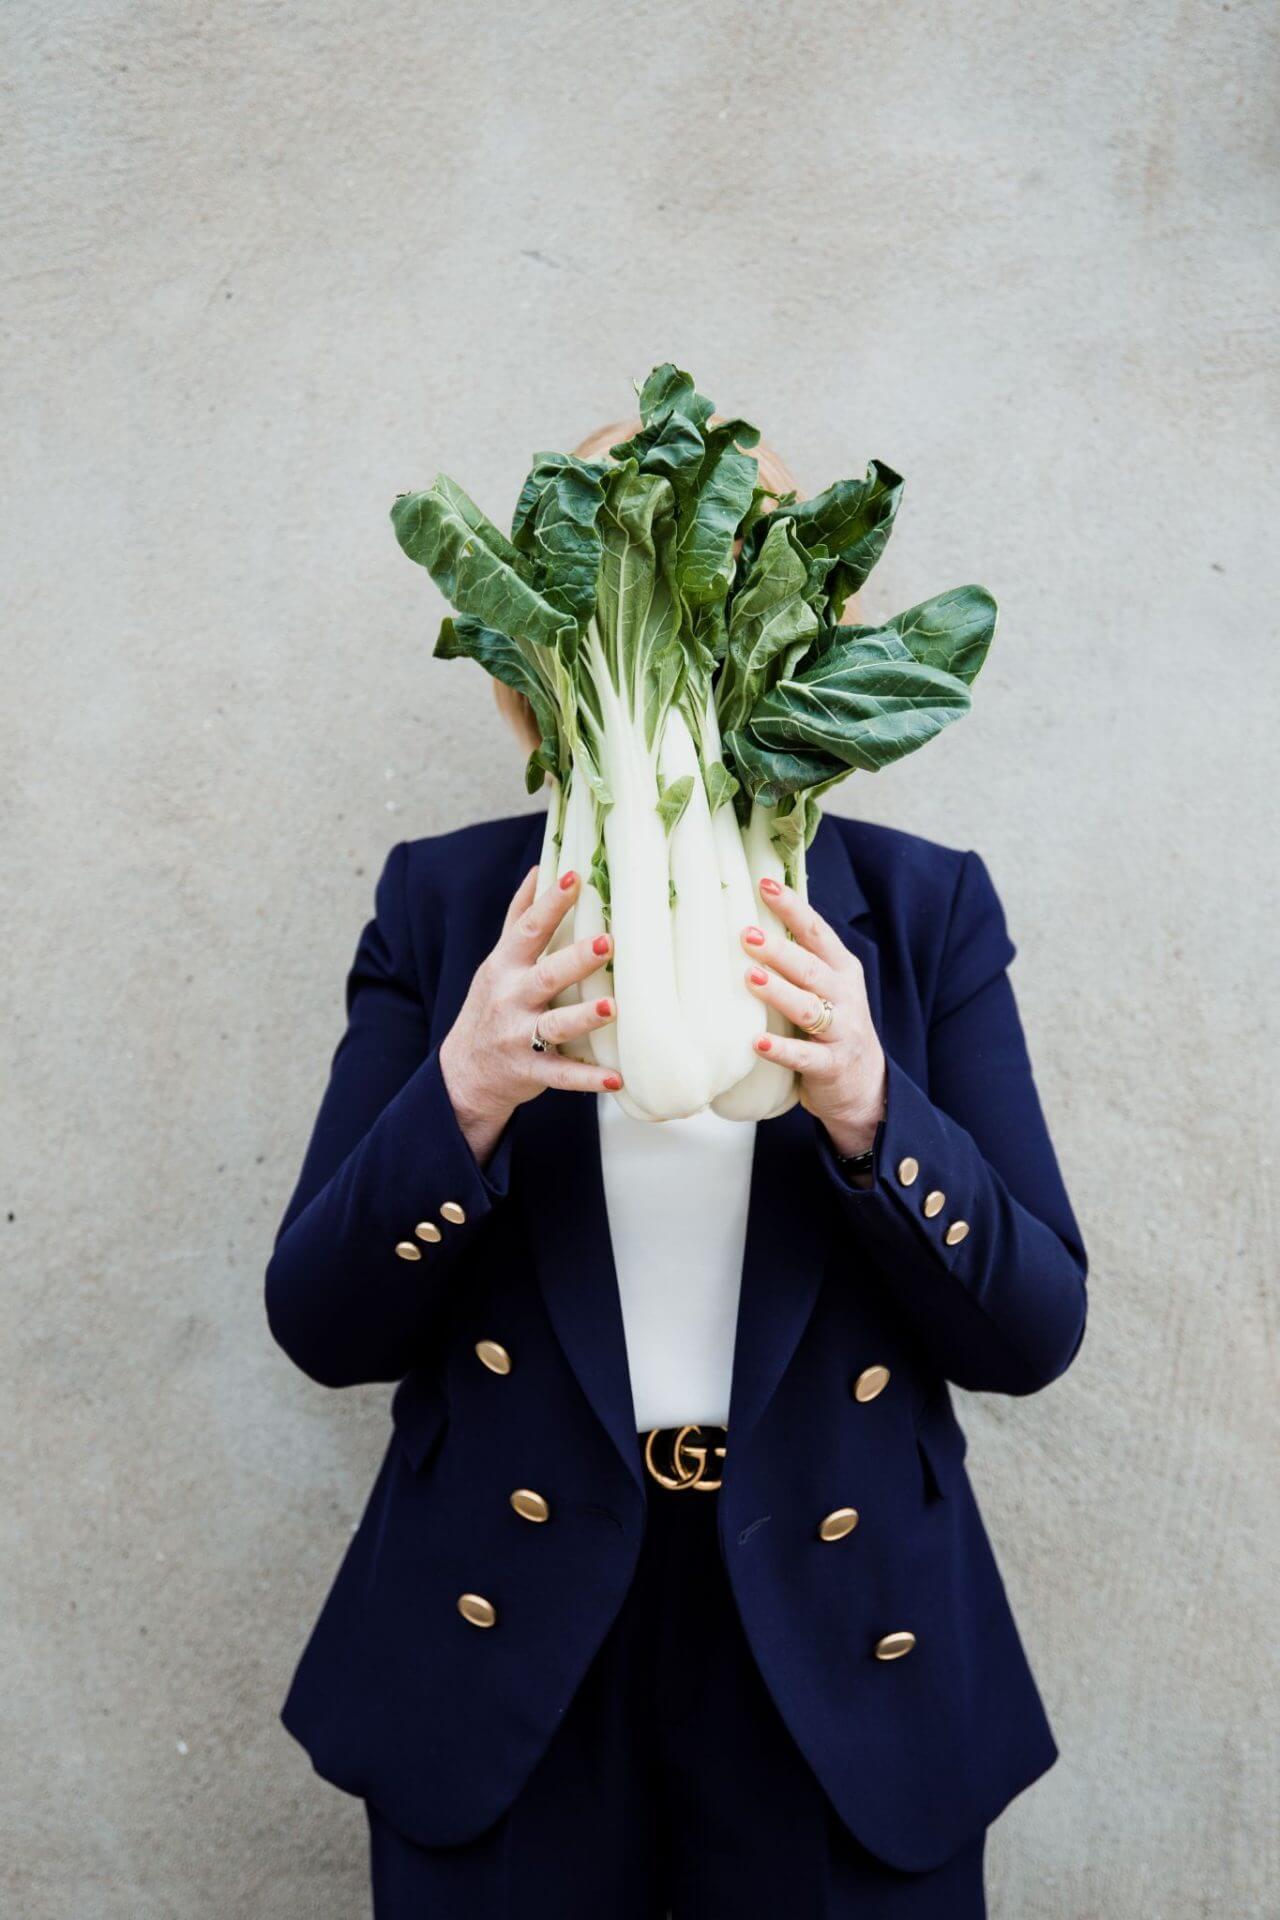 Claudia Vesters Paksoi Ik leer je stap voor stap Afvallen Dieet Slank Streefgewicht